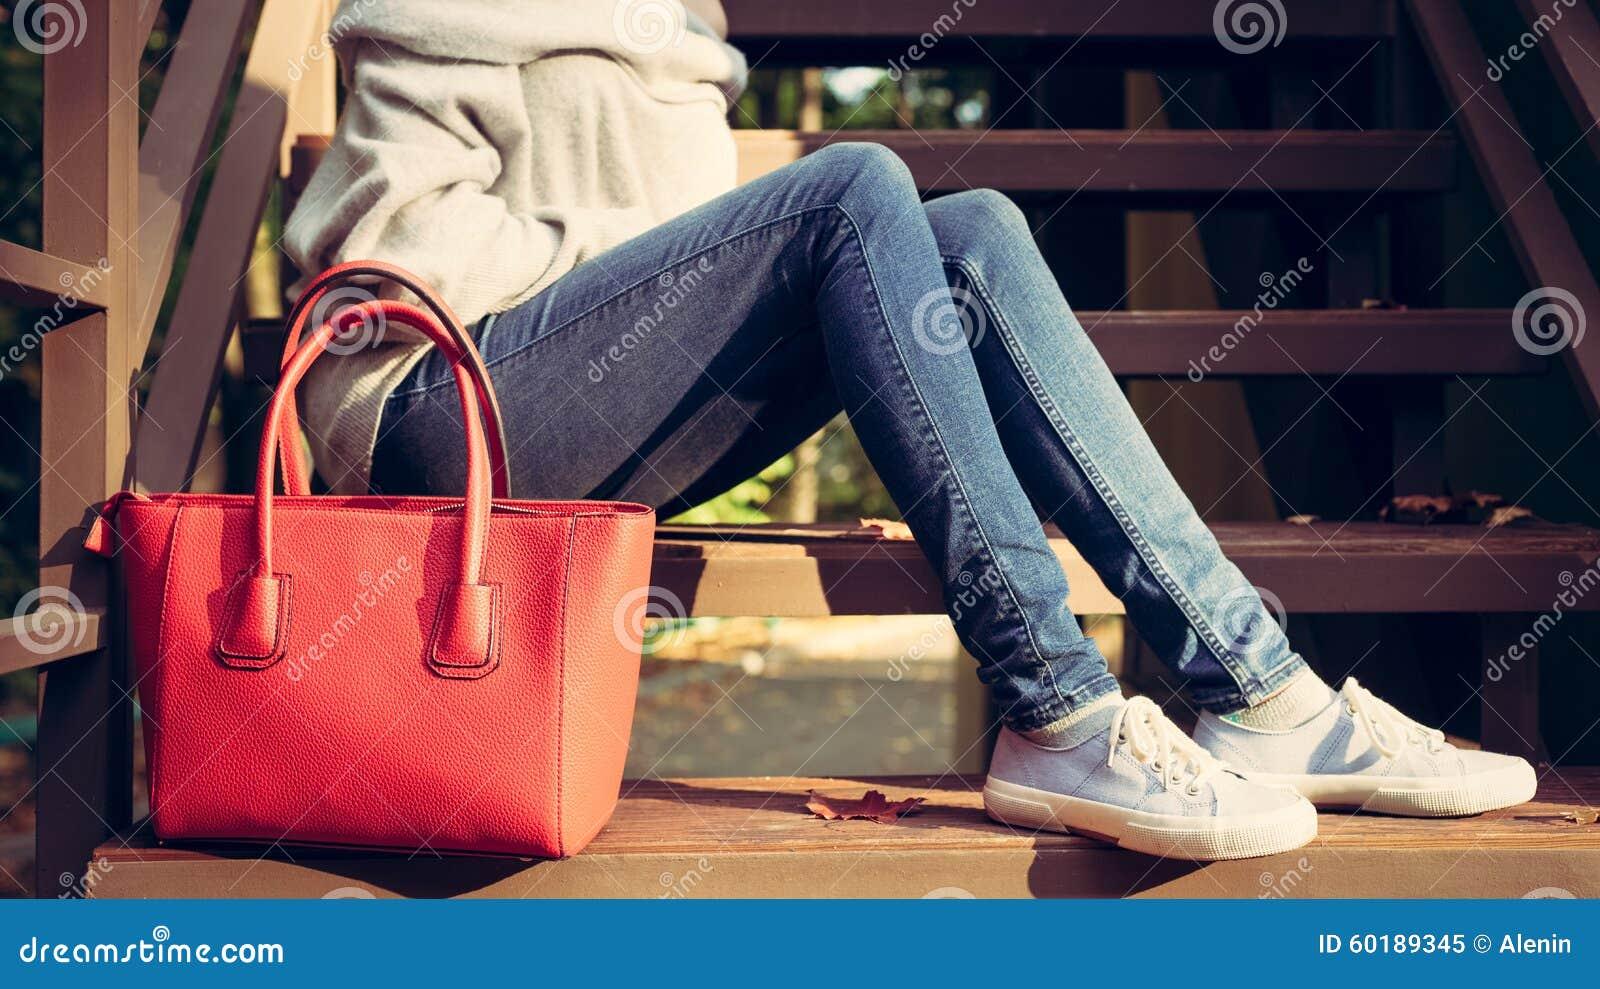 88ffd95d31d89 Dziewczyny obsiadanie na schodkach z duże czerwone super modne torebki w  puloweru sneakers na ciepłym lato wieczór i cajgach